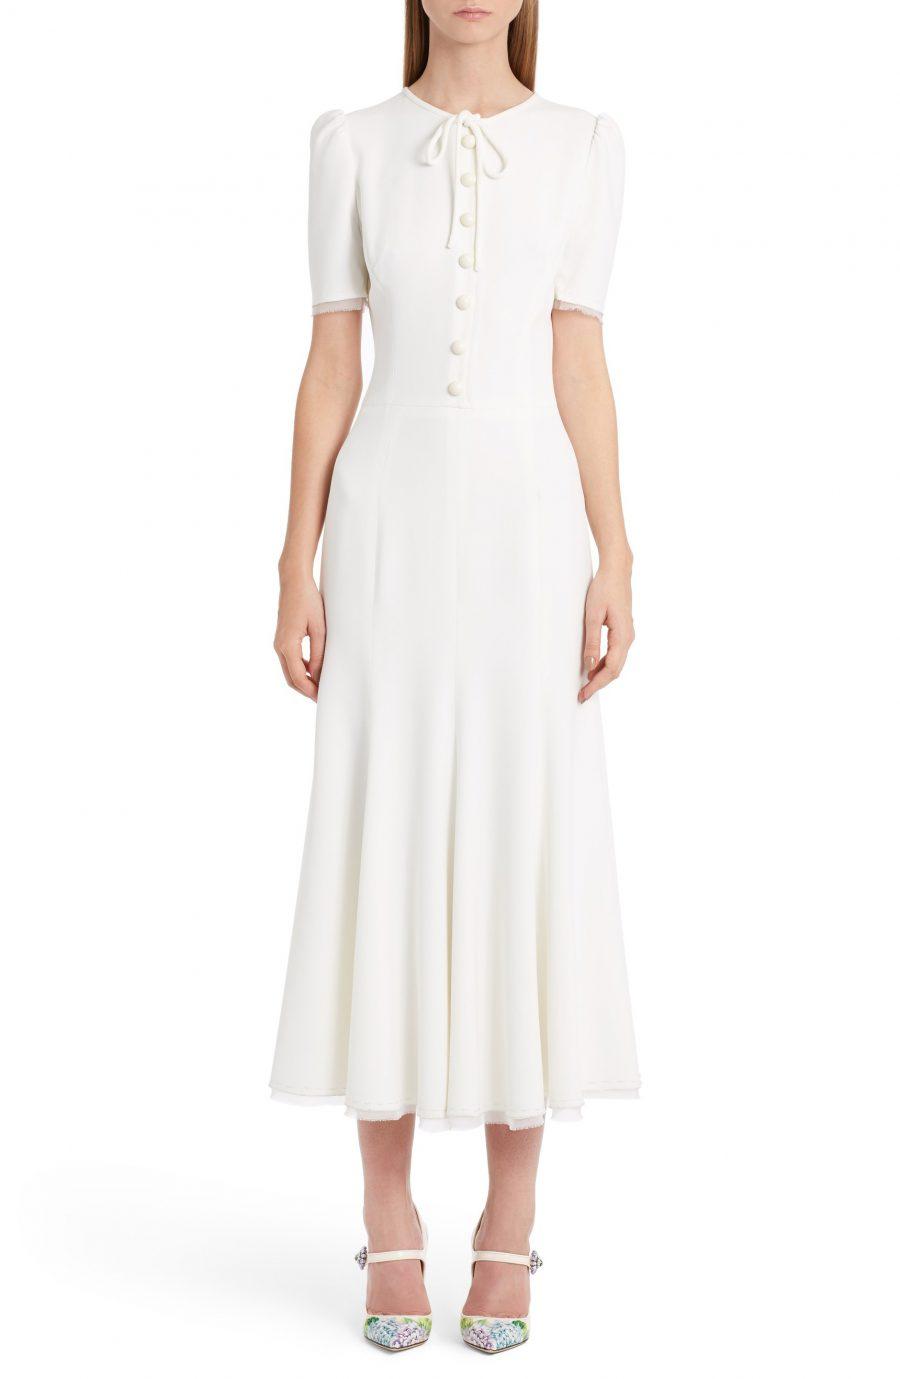 D&G dress in white